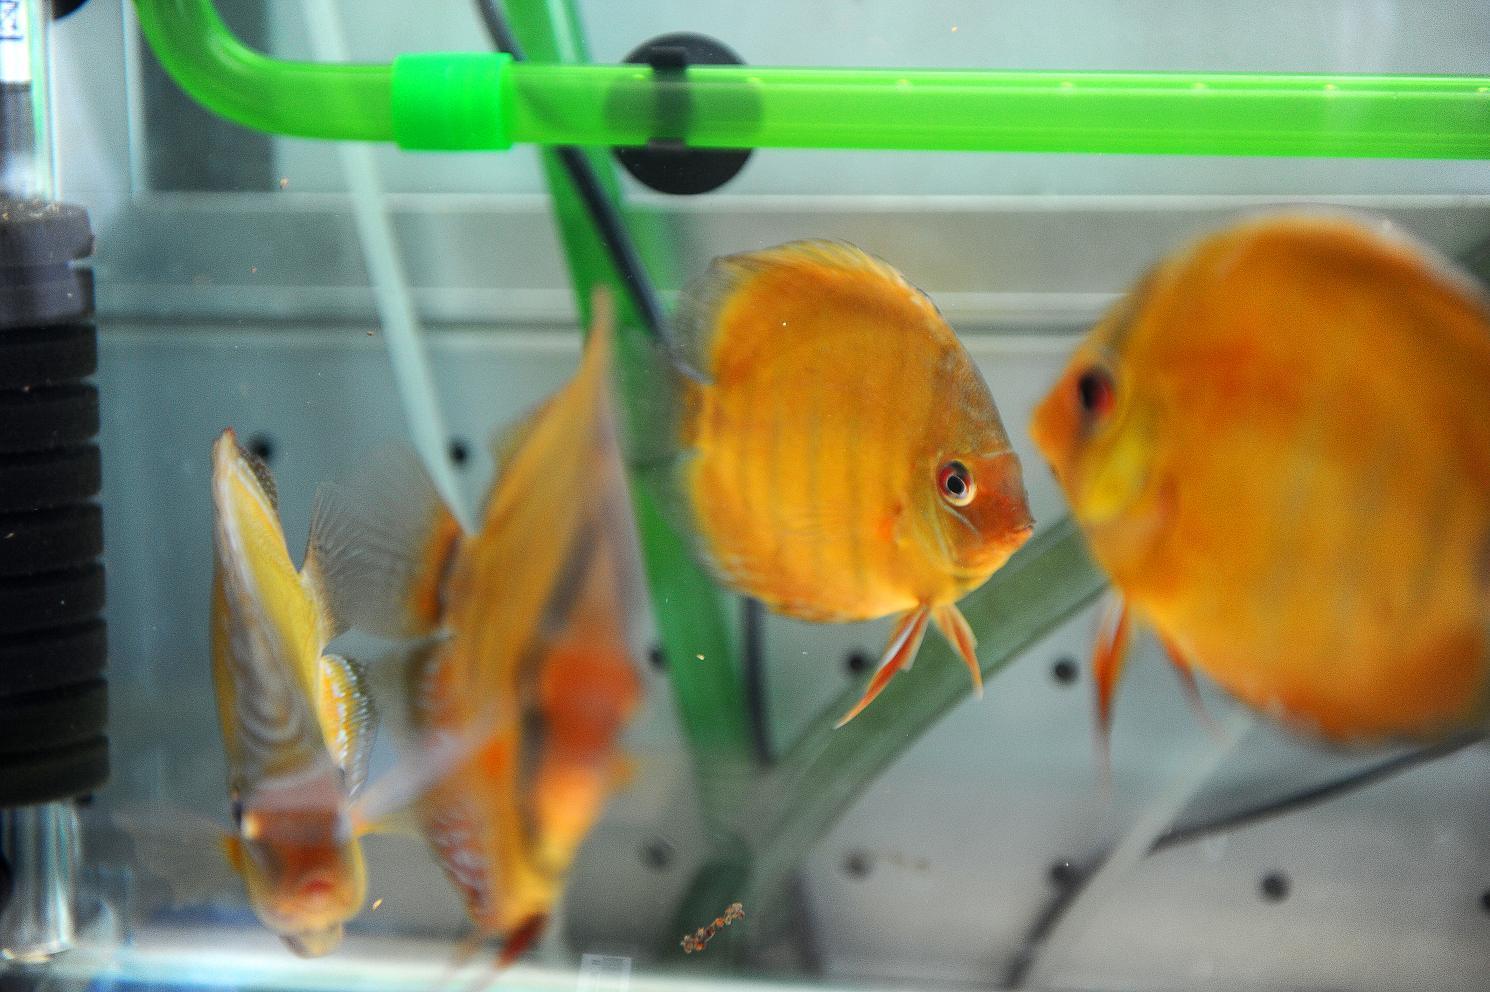 展示下库存野生红彩!!!!!!!!!!(09.12.02) - x-999 - 牧 鱼 水 族